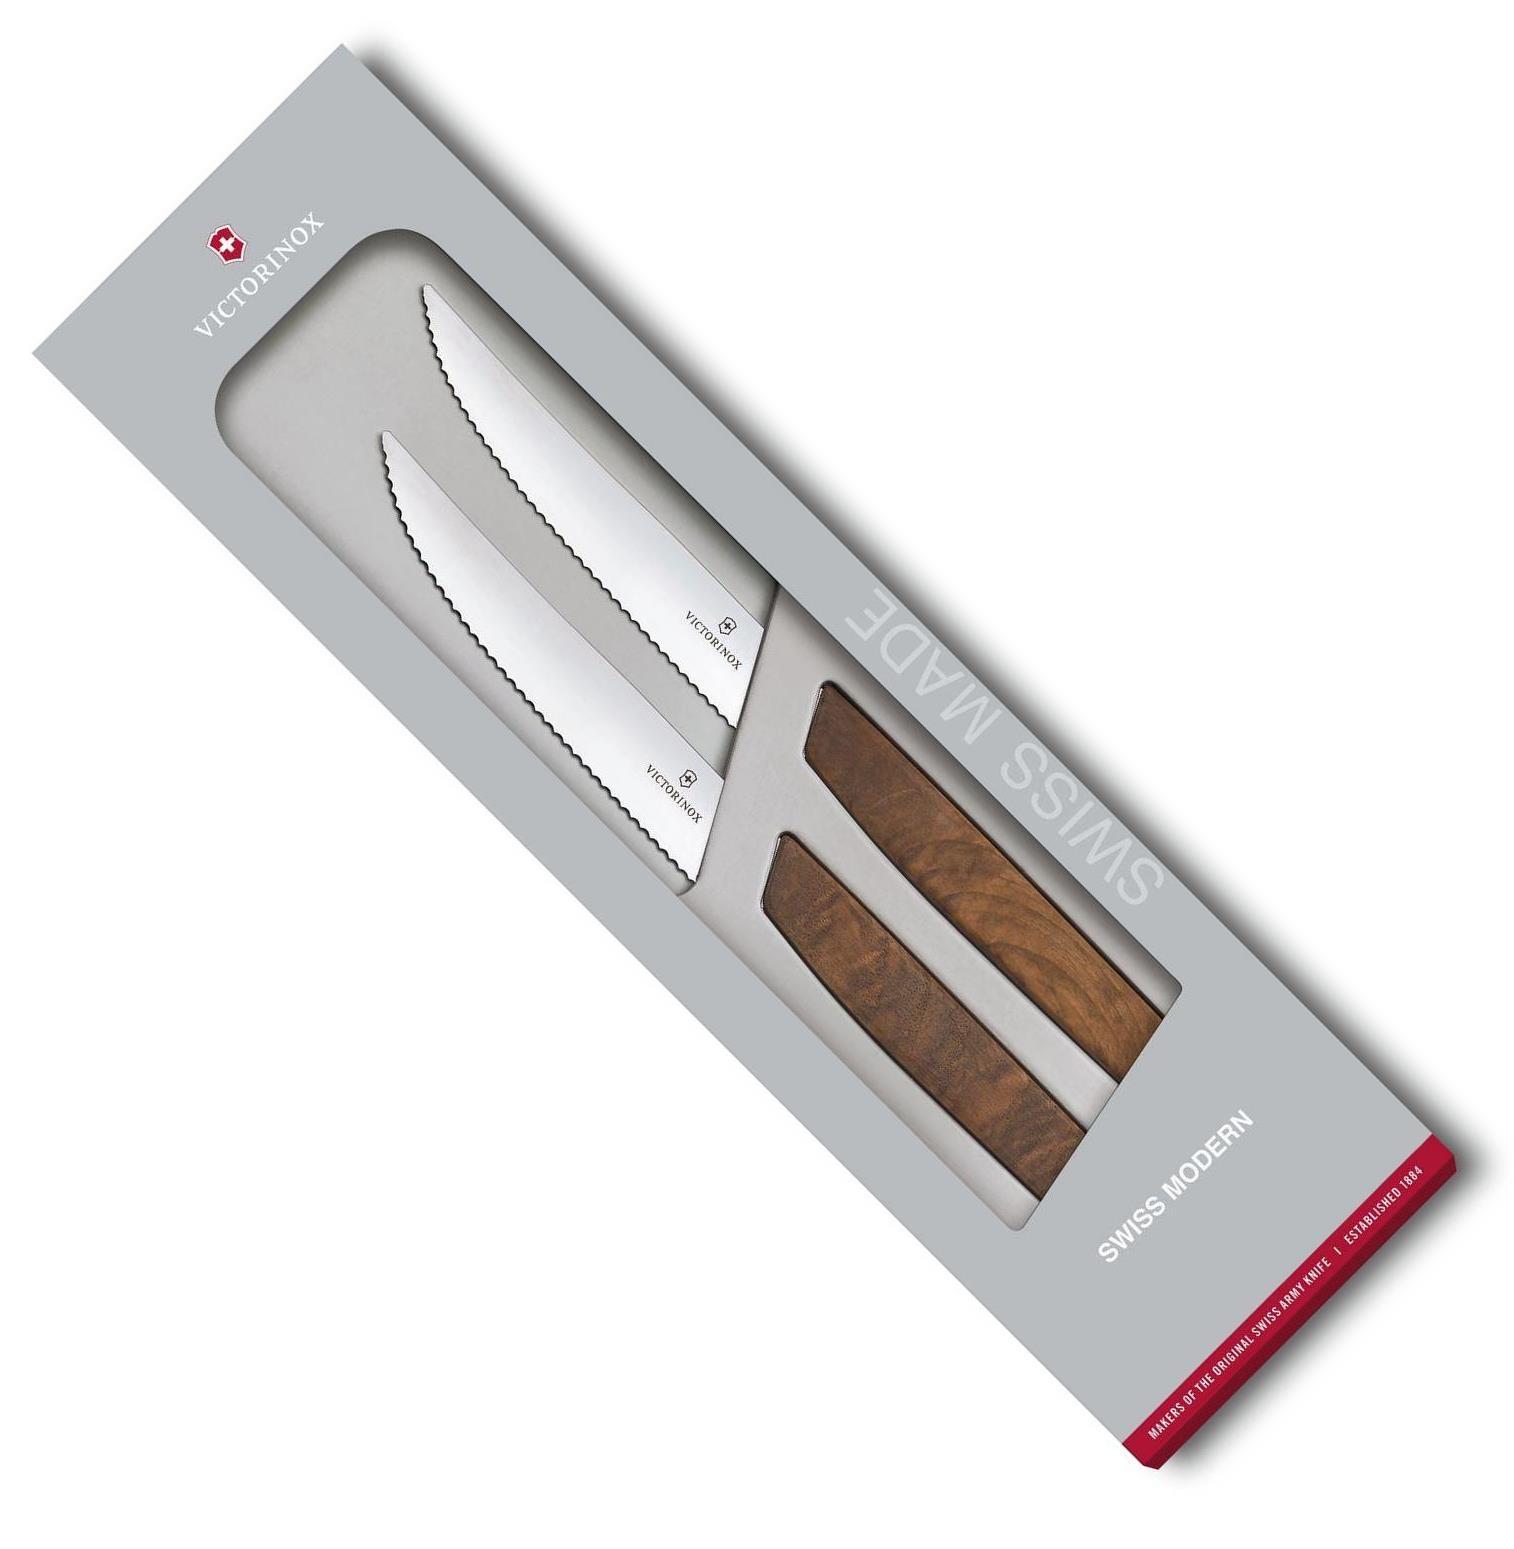 Sada 2 ks steakový nůž 12 cm SWISS MODERN s vlnitým okrajem - Victorinox